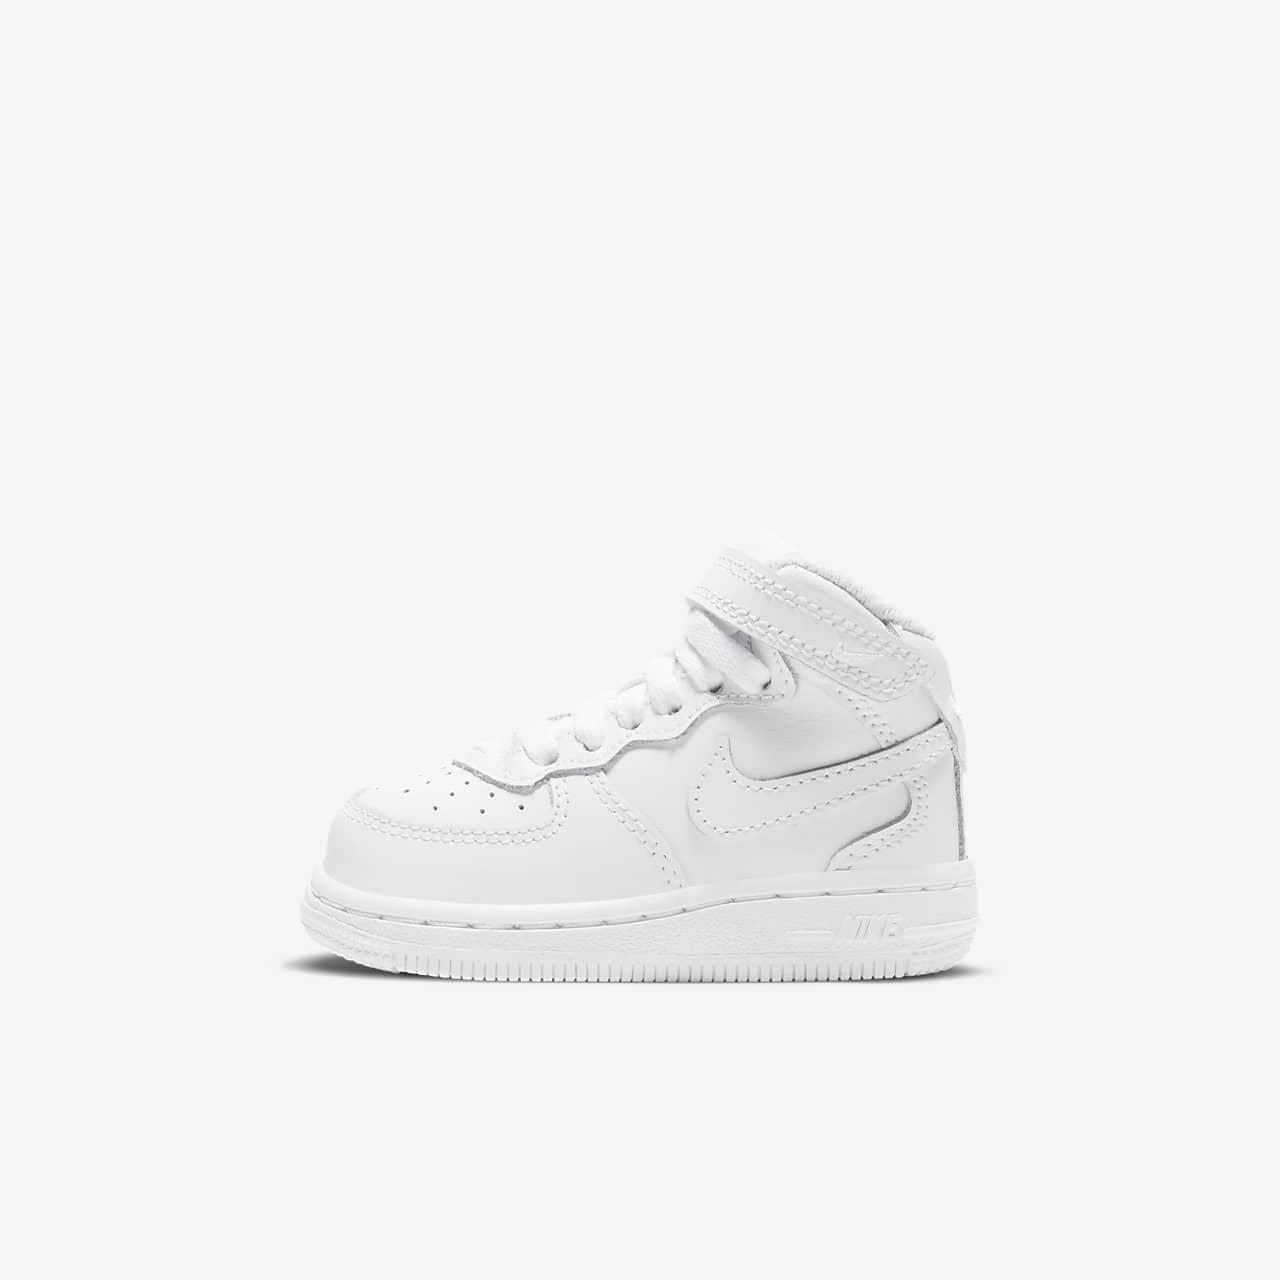 newest 3c7d0 d58d3 ... Chaussure Nike Air Force 1 Mid pour Bébé Petit enfant